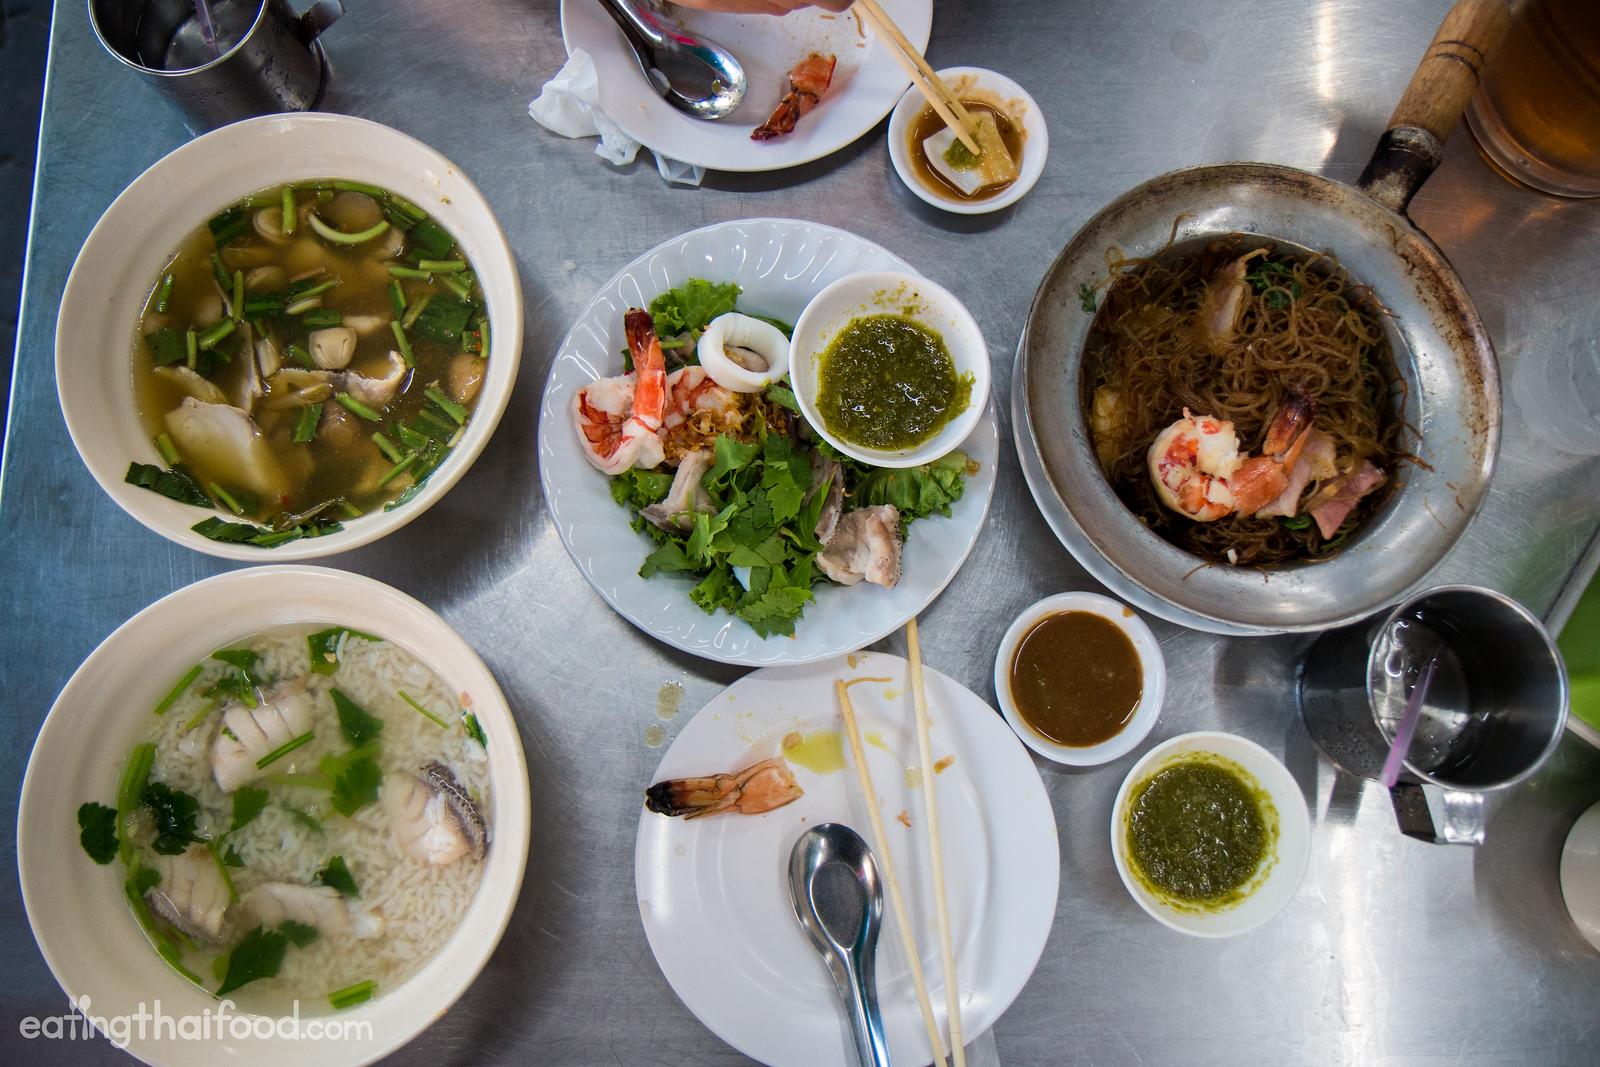 ร้านเฮียหวานข้าวต้มปลา